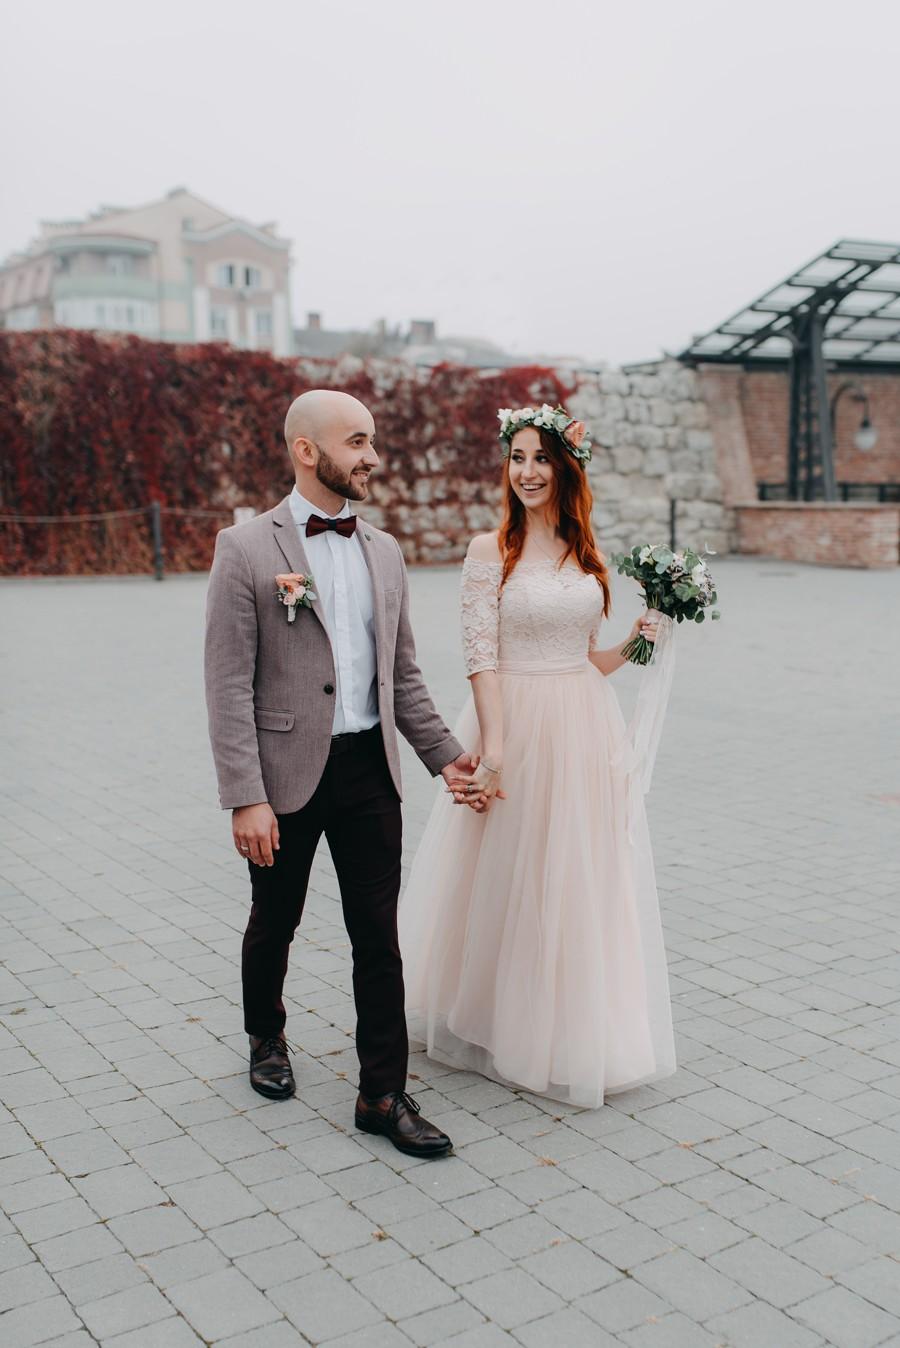 Netradiční ženich a nevěsta. Béžové sako, černé kalhoty a vínový motýlek.